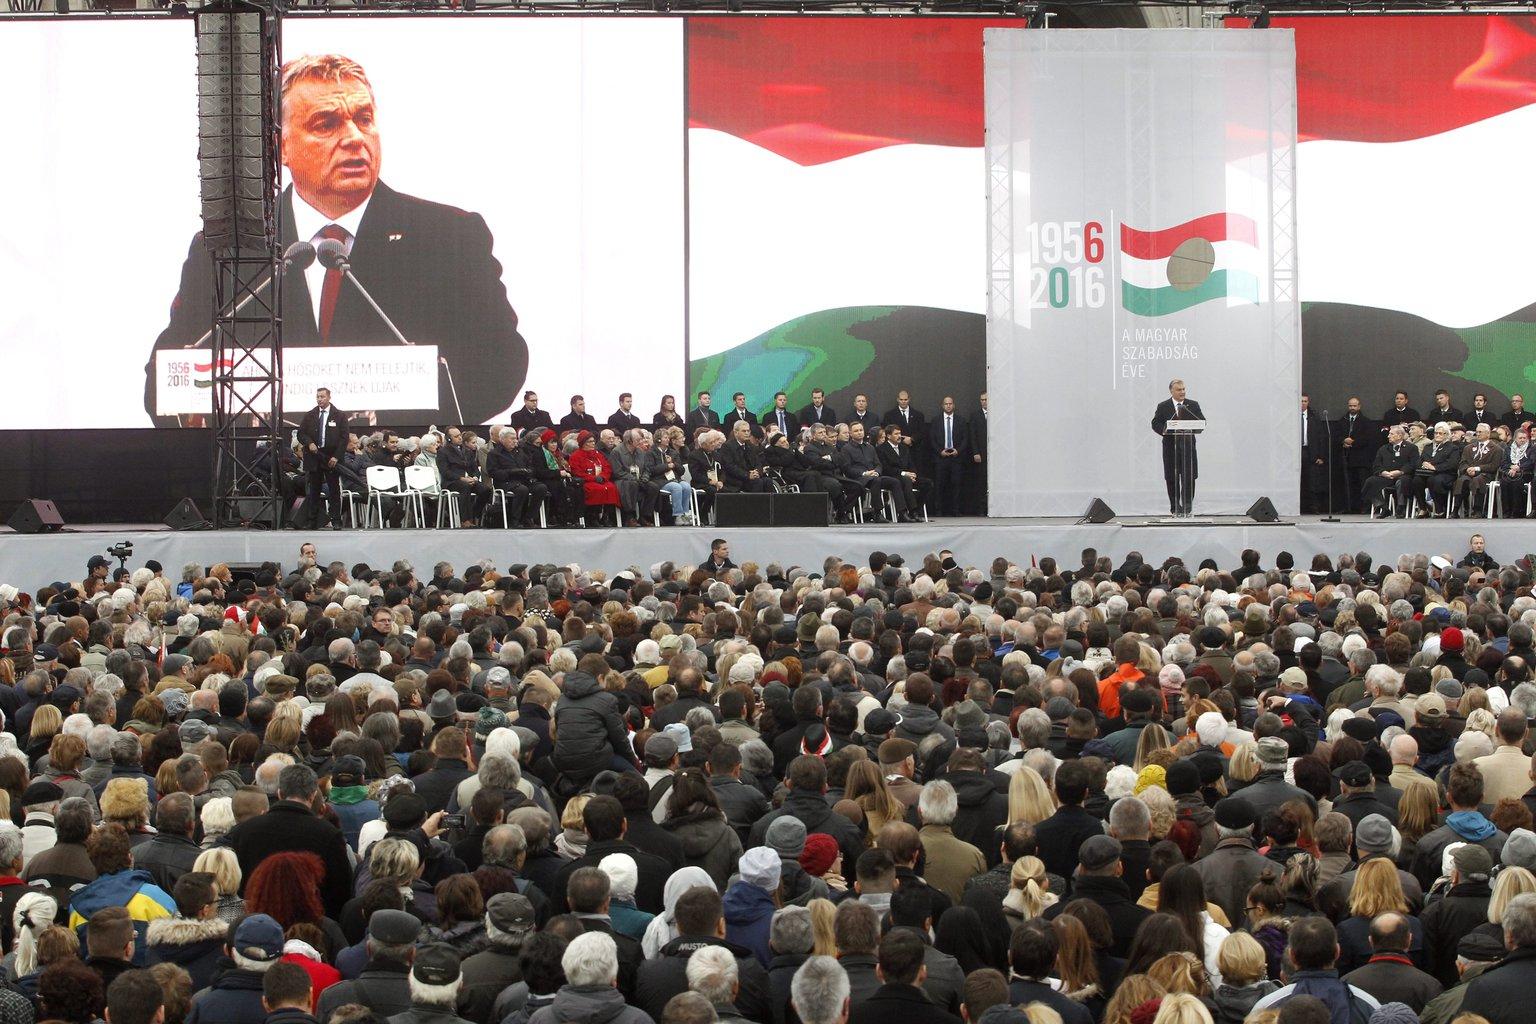 Orbán Viktor miniszterelnök beszédet mond az 1956-os forradalom és szabadságharc 60. évfordulója alkalmából, 1956-2016 - A szabad Magyarországért! címmel tartott díszünnepségen az Országház előtti Kossuth Lajos téren 2016. október 23-án. MTI Fotó: Szigetváry Zsolt